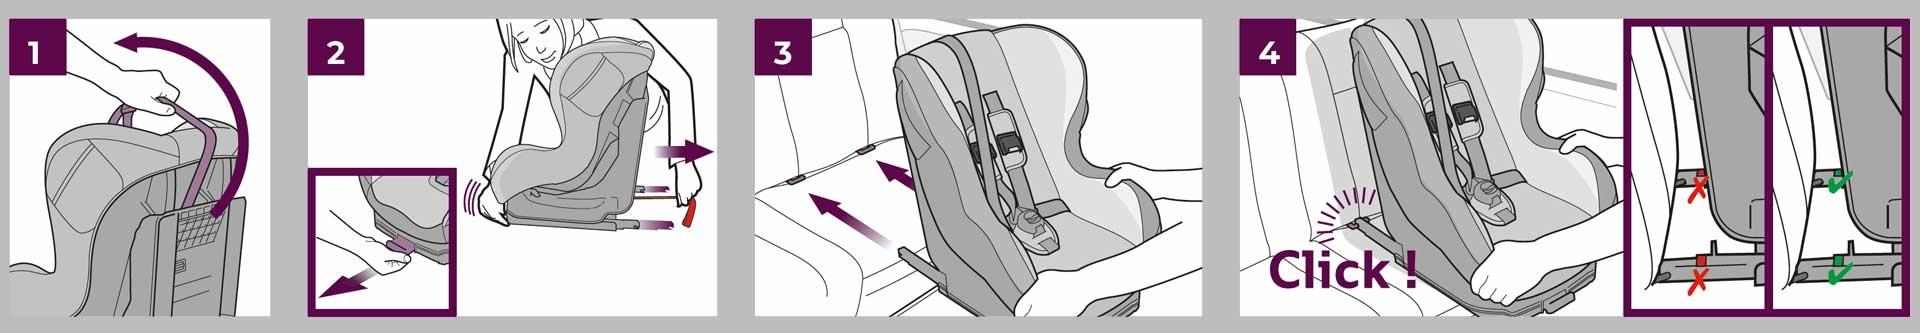 Autostoel Isofix Bevestiging